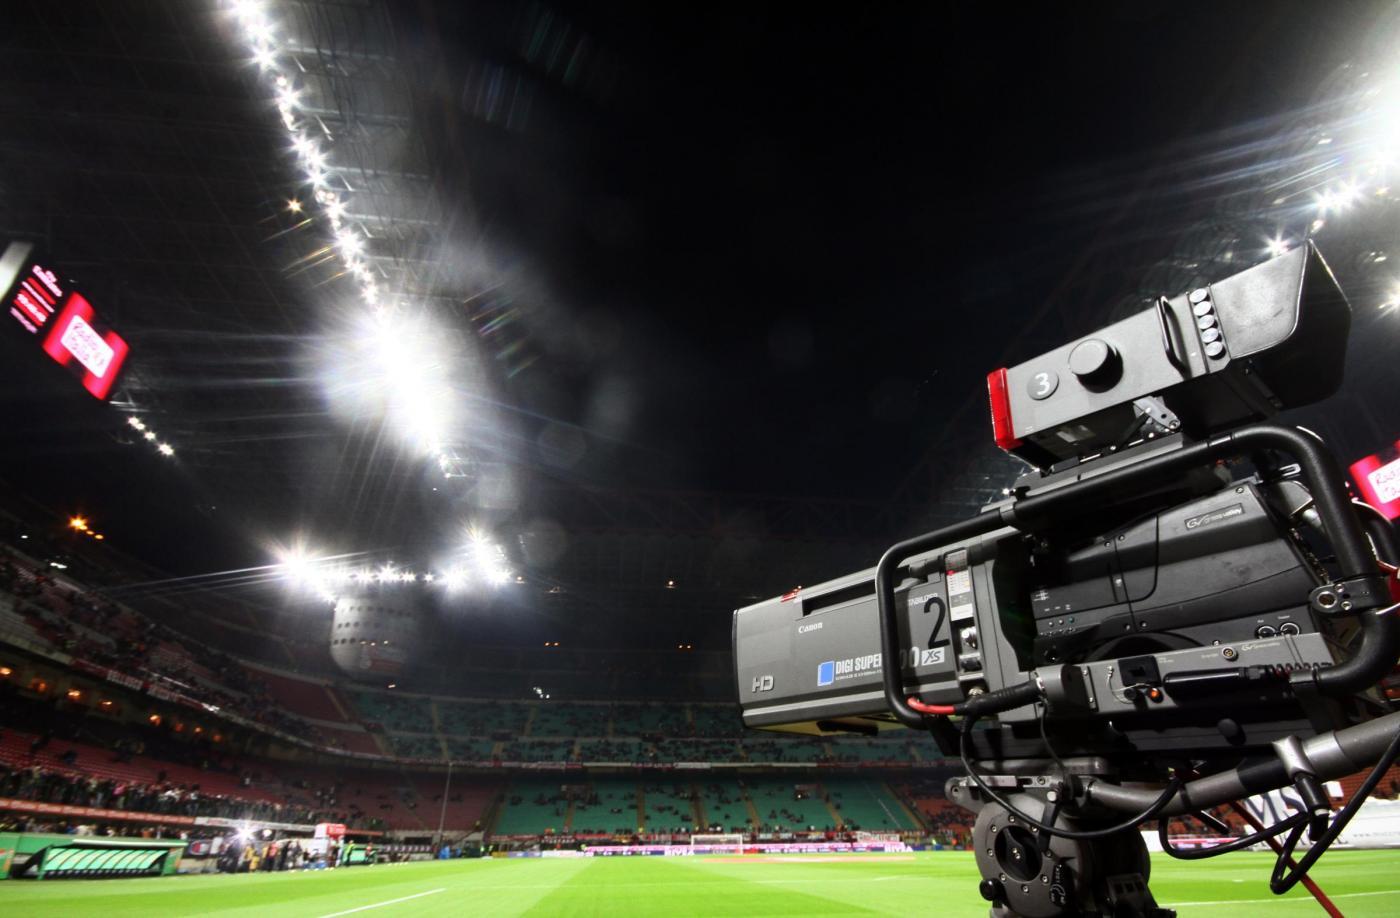 Fatturato squadre di calcio serie A 2015-2016: la classifica dei ricavi